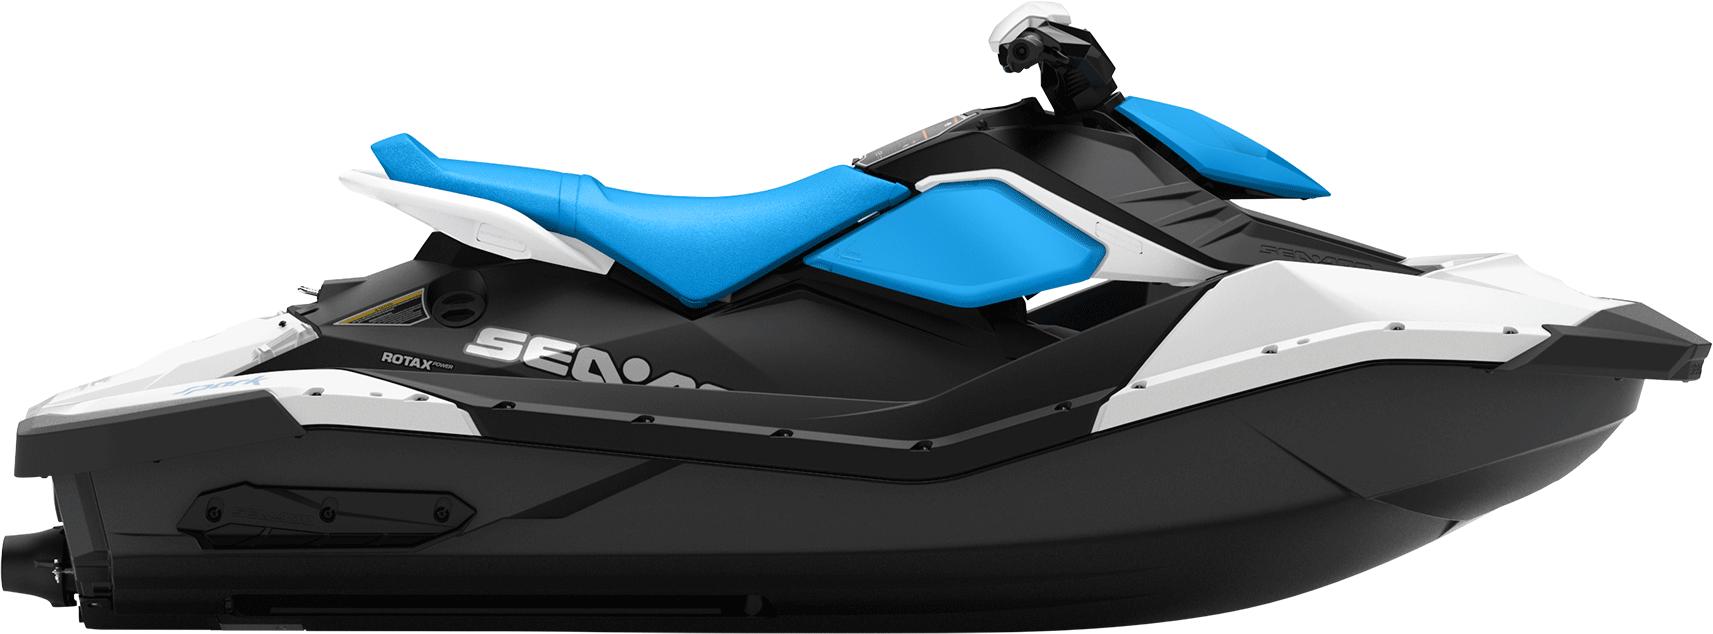 Blue Jet Ski PNG Image